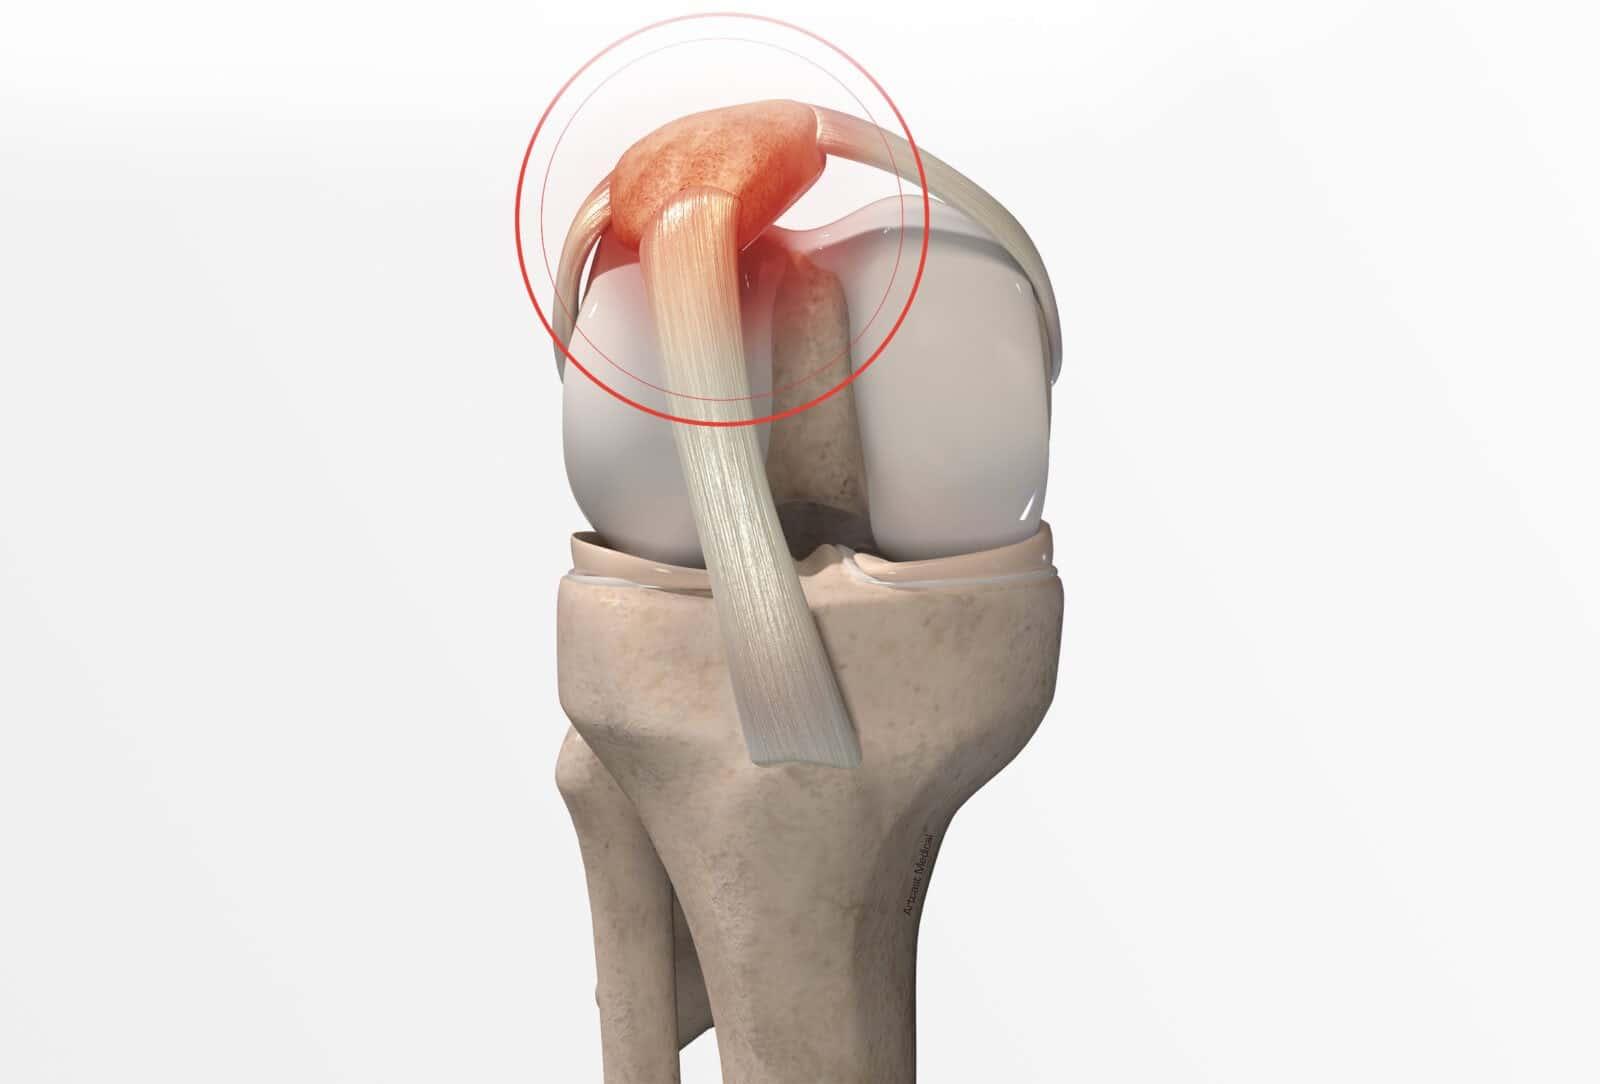 Traitement de l'nstabilité rotulienne à Paris - Dr Paillard: Chirurgien orthopédique